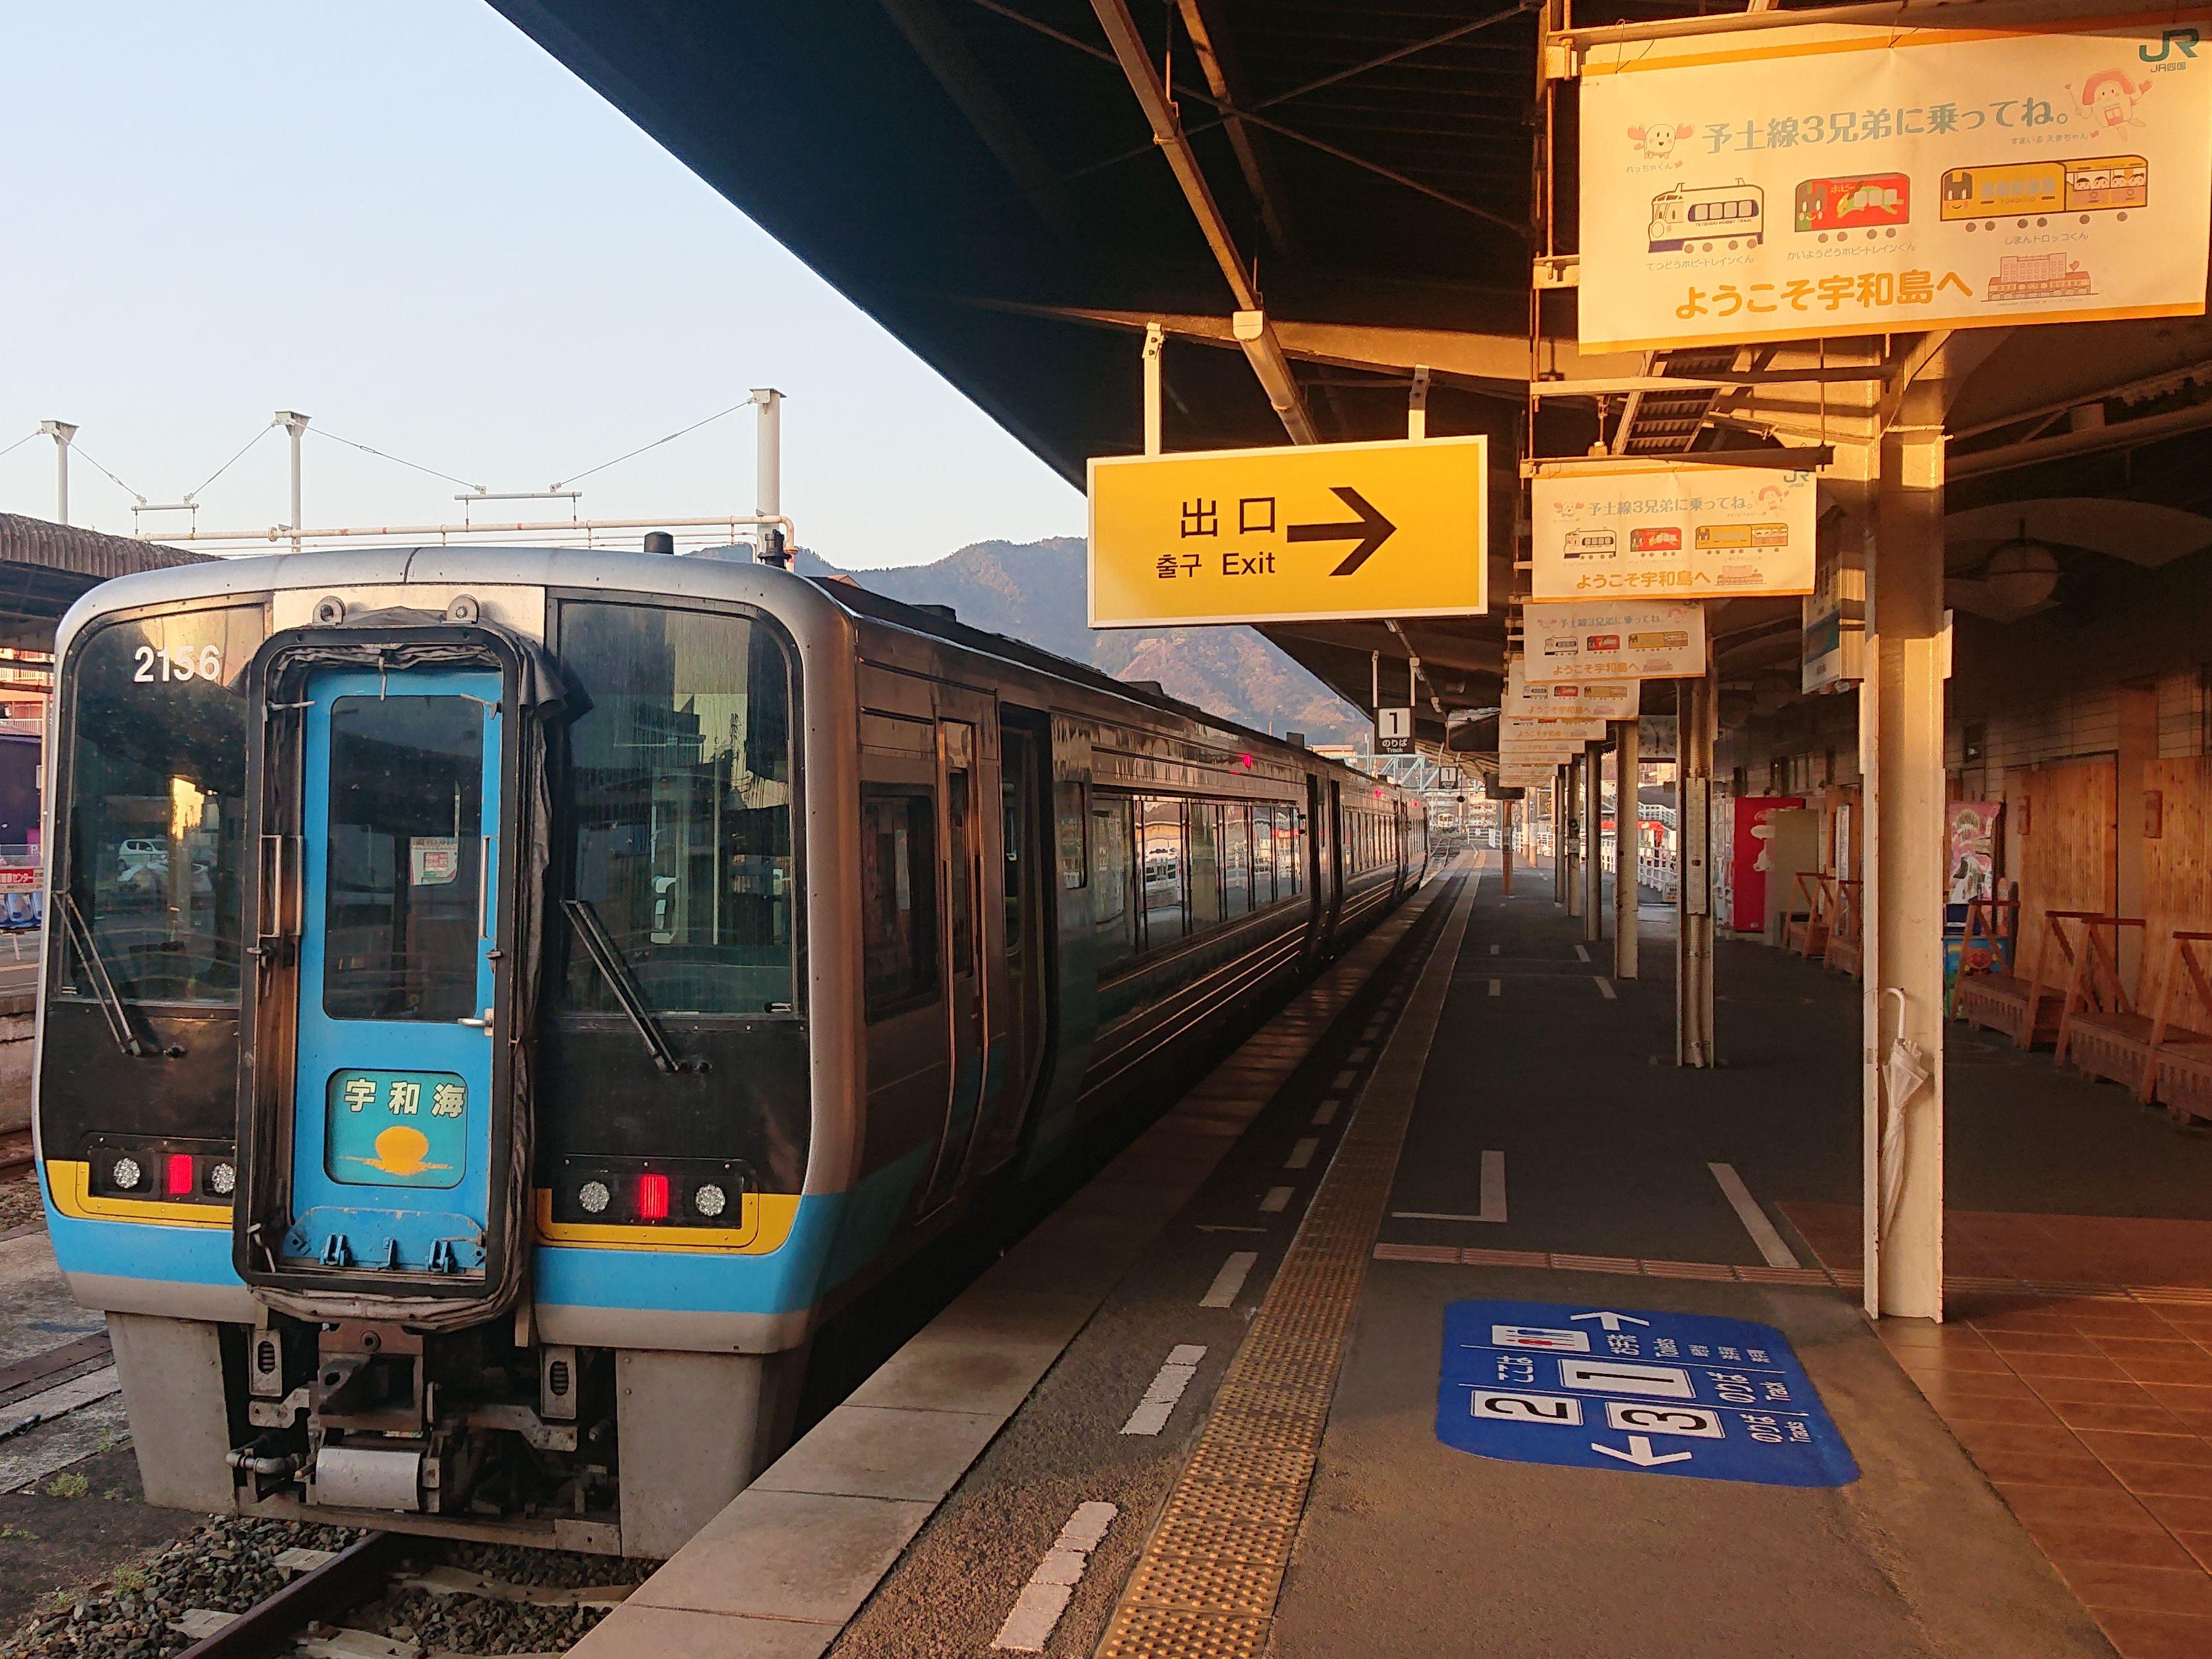 200421-25.jpg